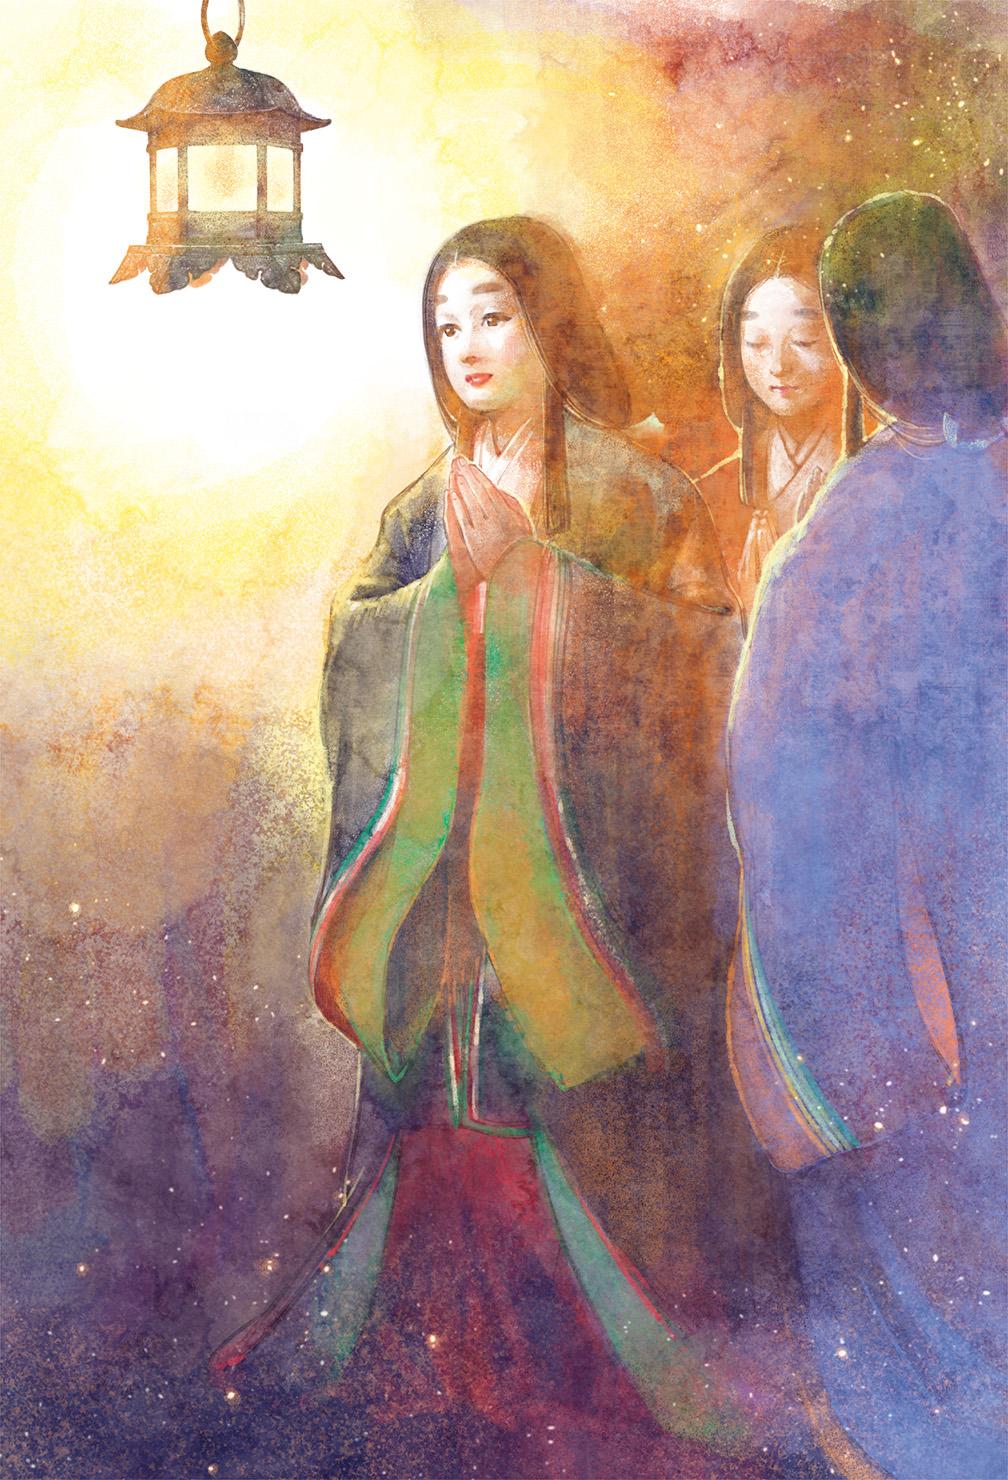 イラストレーター 黒澤葵さんが選ぶ 挿画 Best 10の画像6